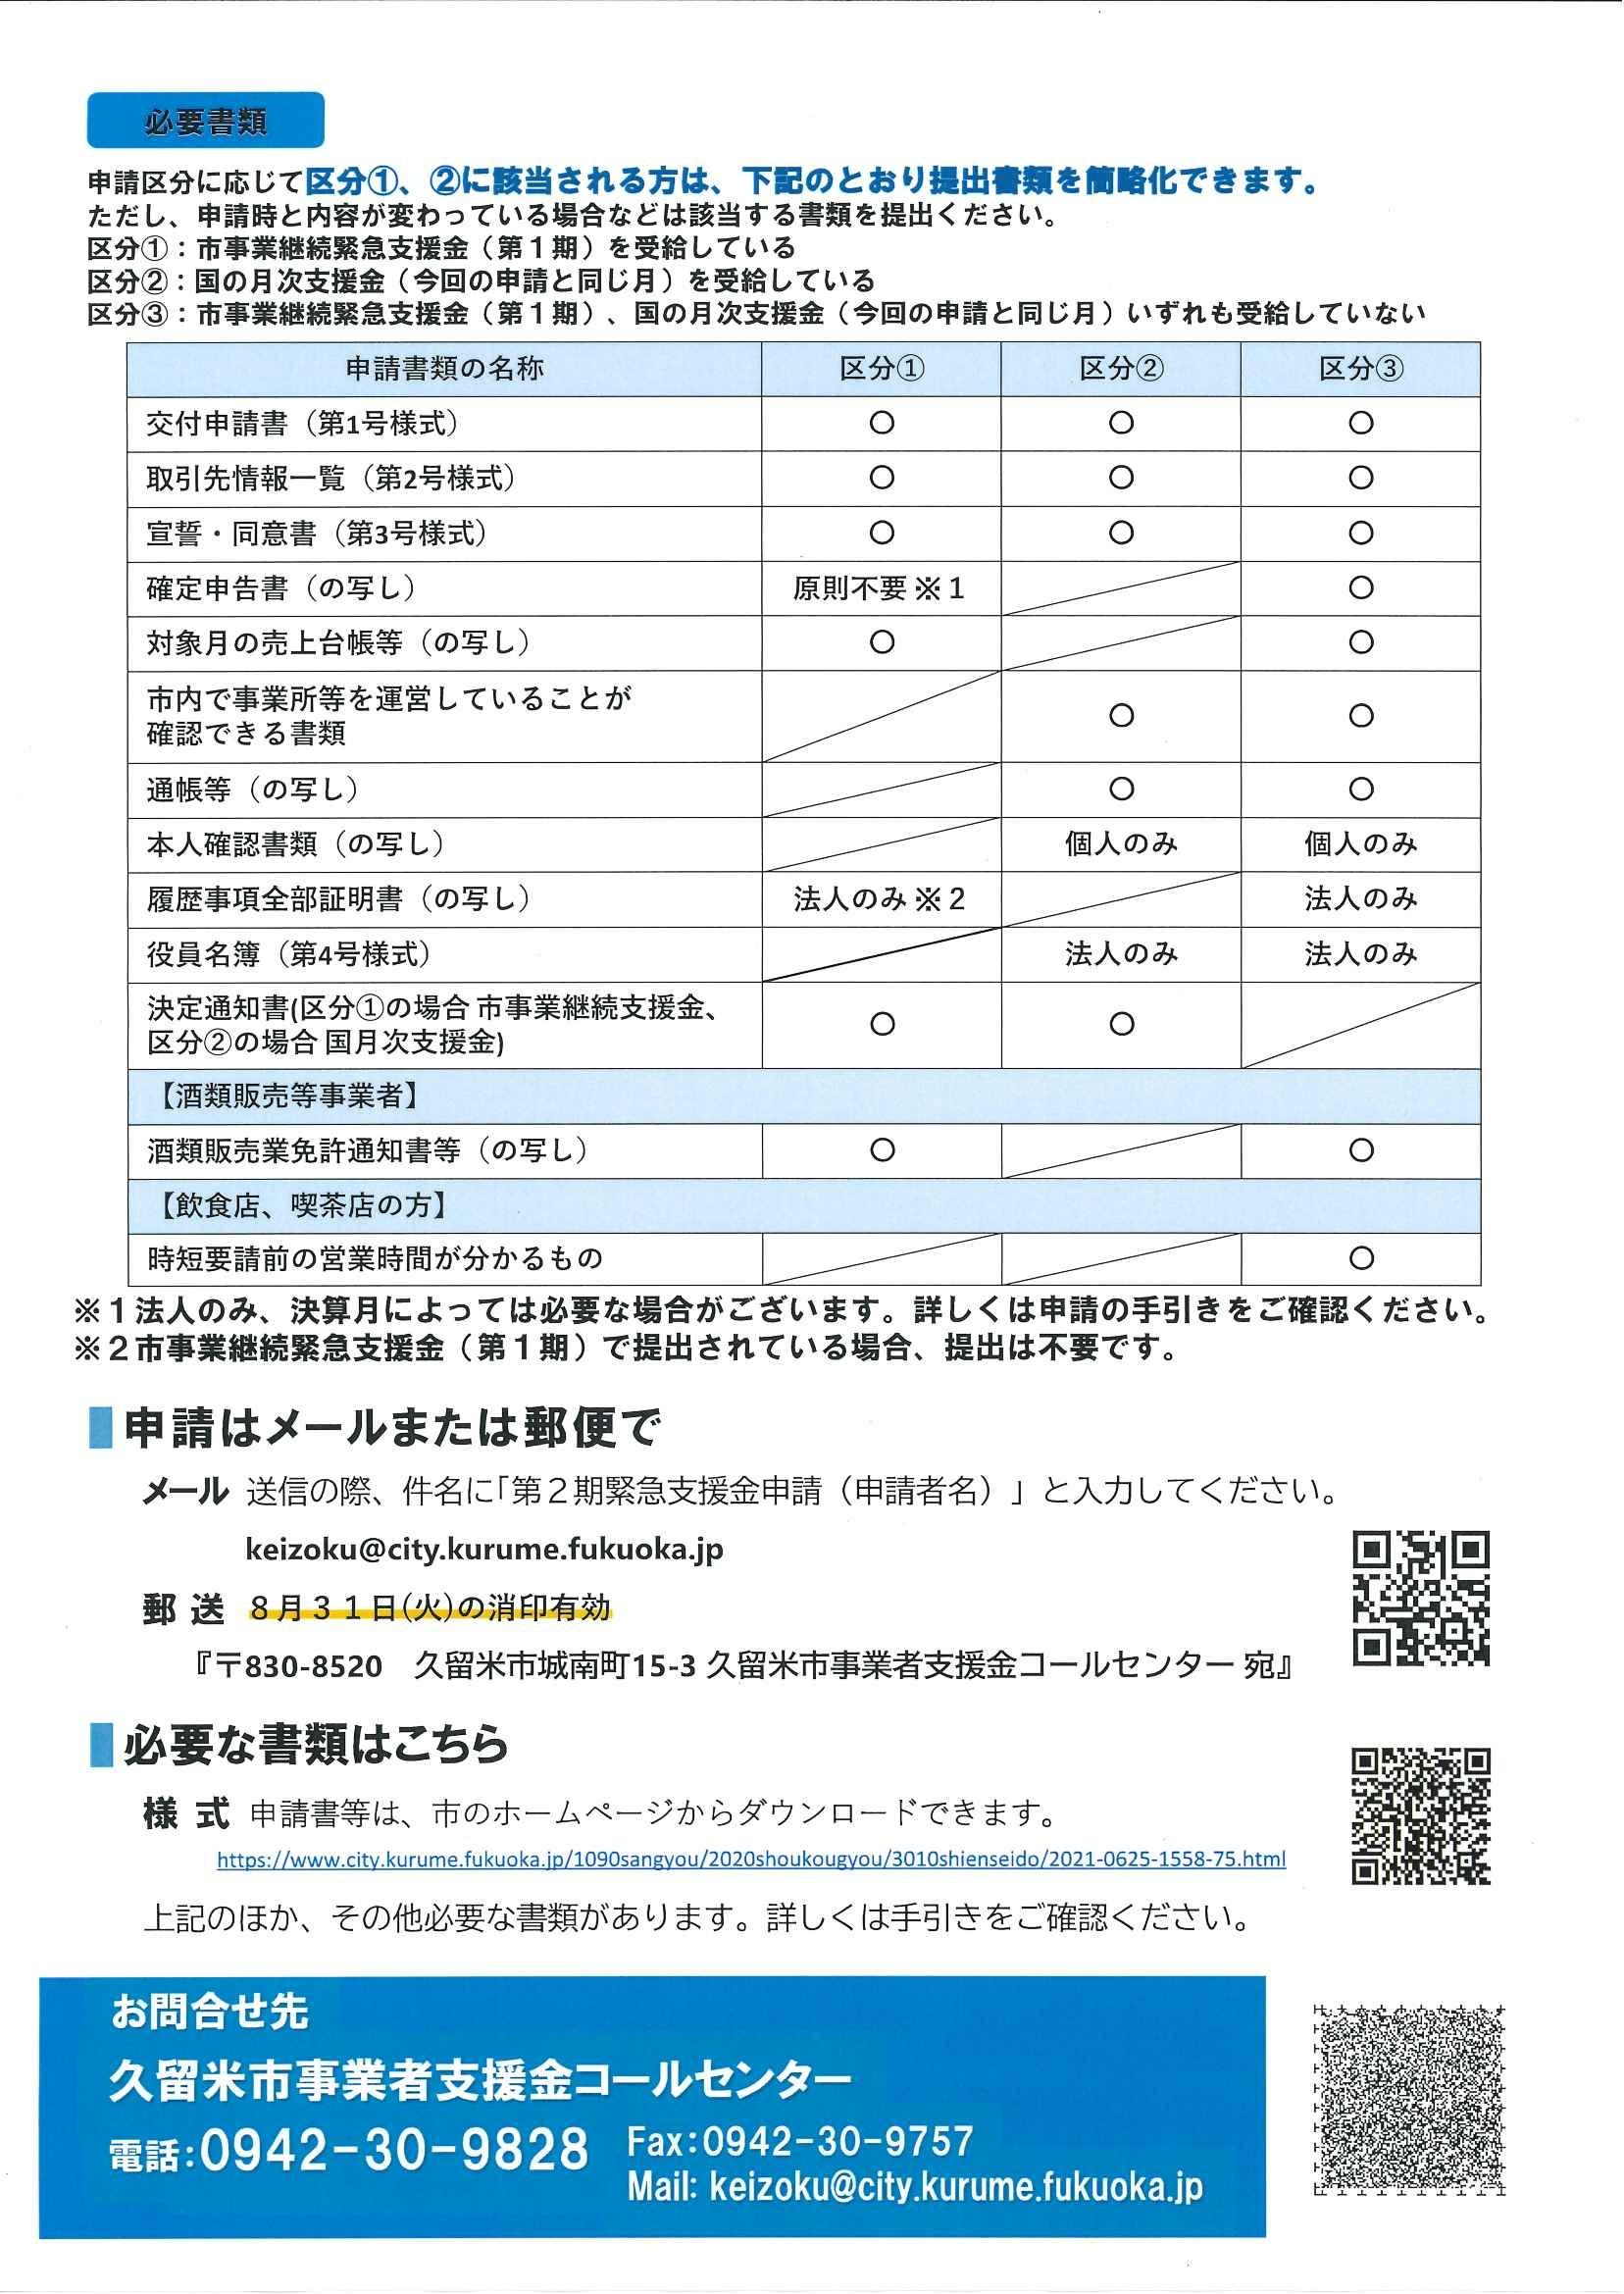 【久留米市】事業者向け支援制度のご案内_f0120774_14052945.jpg